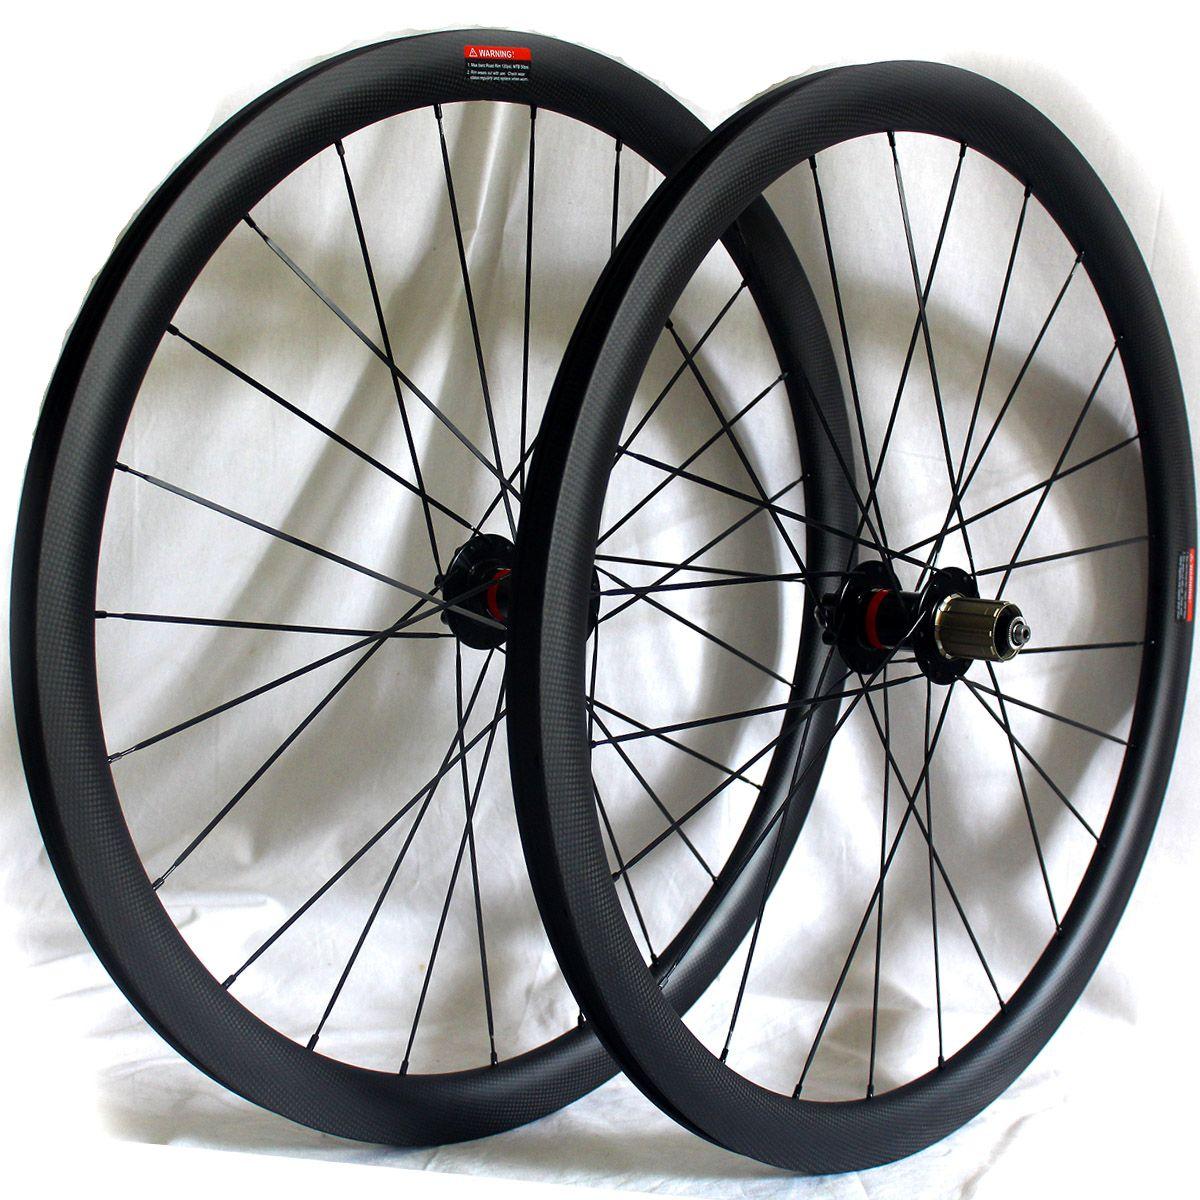 من ألياف الكربون الطريق عجلات قرص الفرامل دراجة 38MM 50MM الفاصلة 60mm أنبوبي دراجة العجلات 700C 3K مات المطلة عرض QR 25MM من خلال إصدار المحور